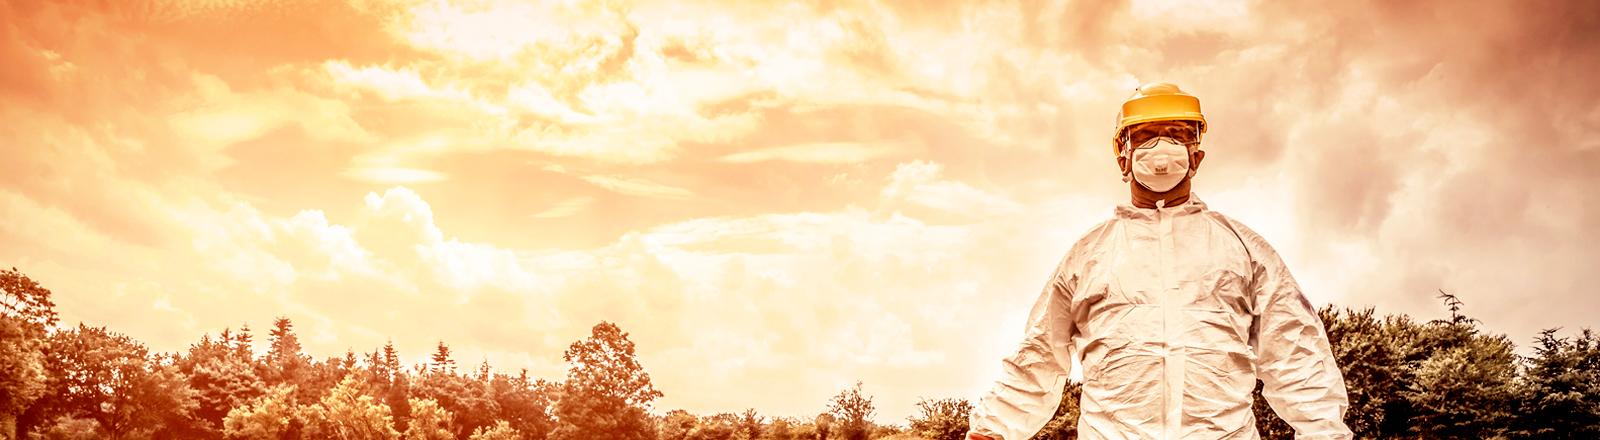 Mann in Schutzkleidung vor rotem Himmel